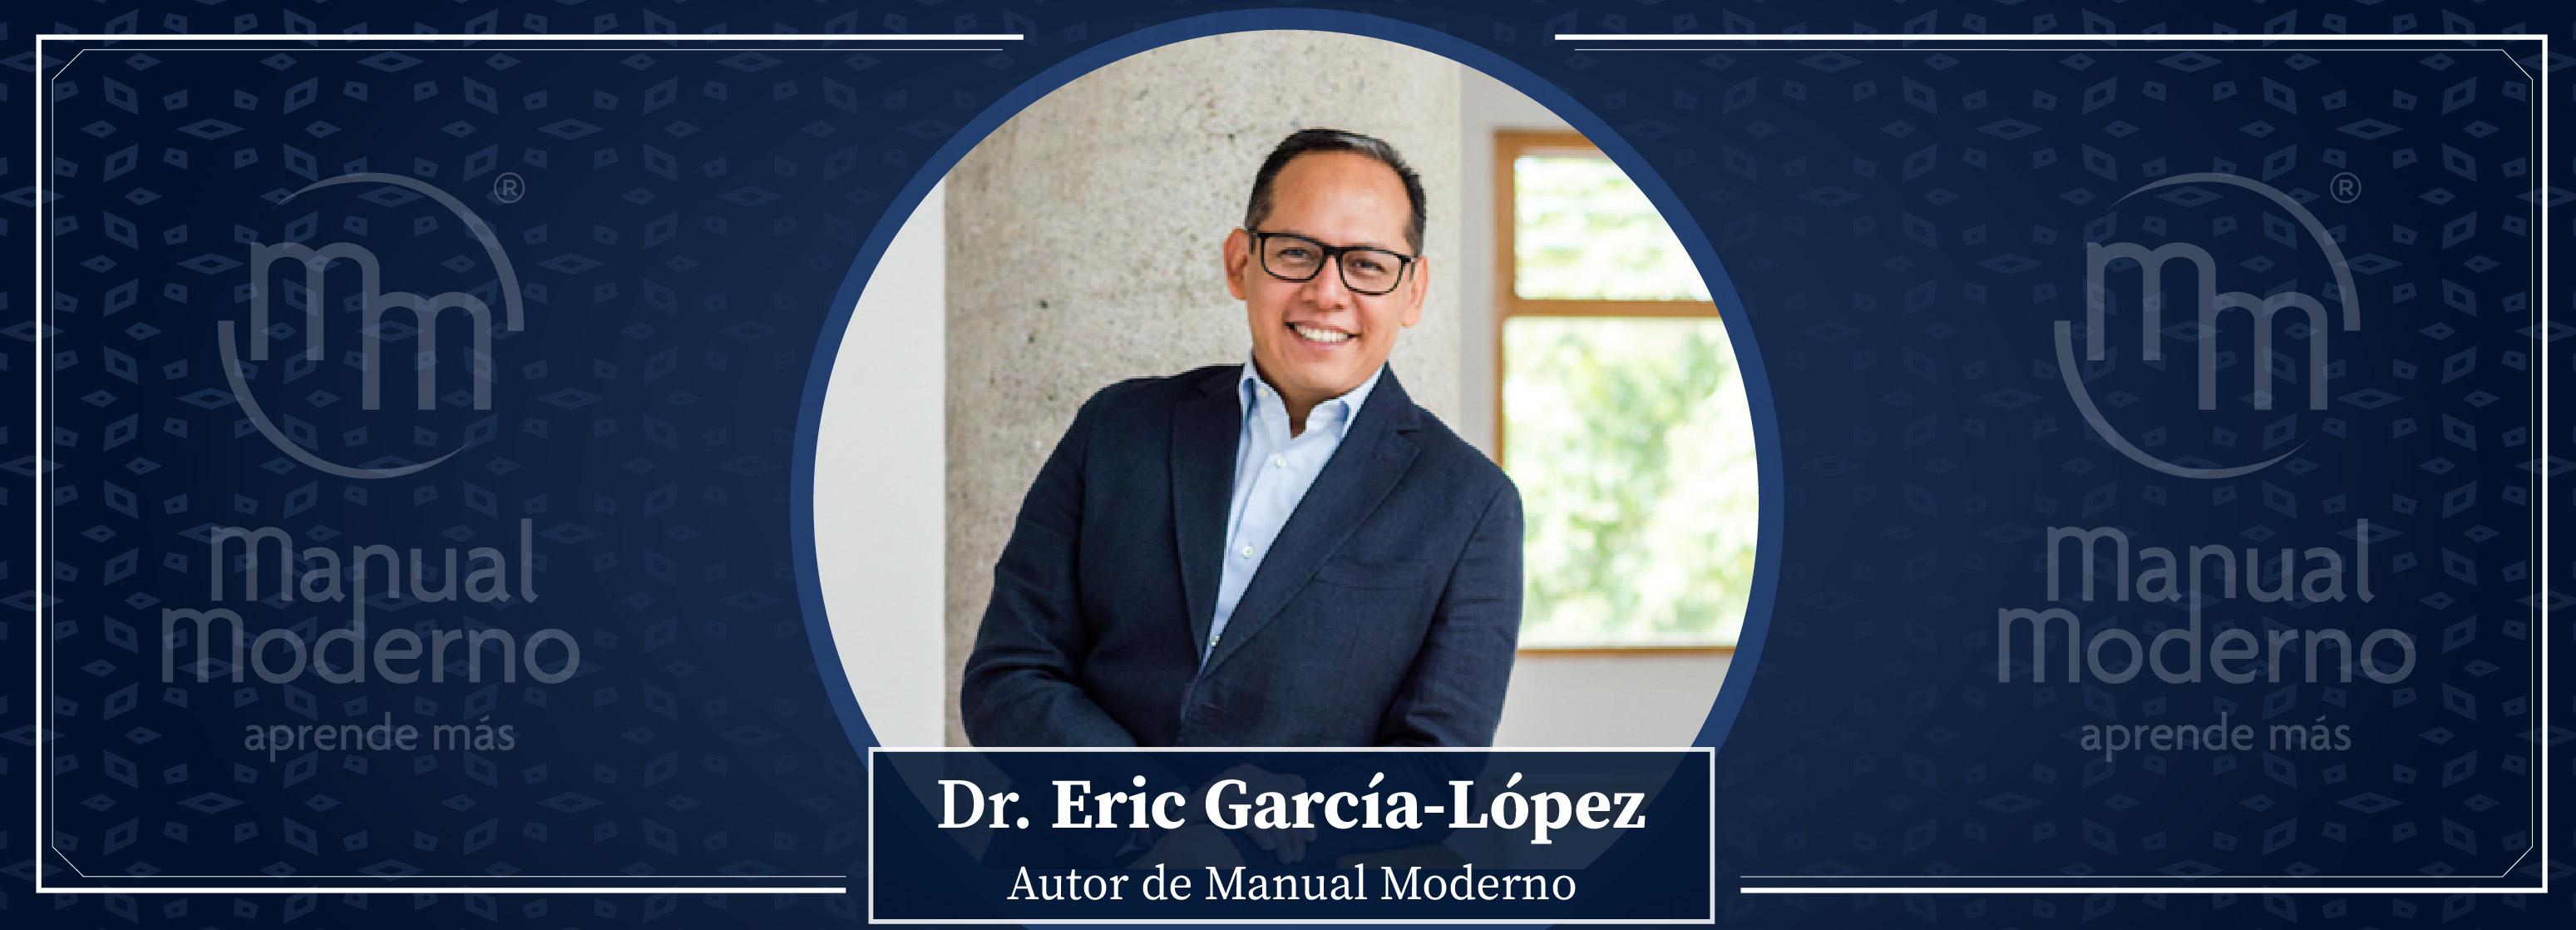 Nuestros Autores. Dr. Eric García-López